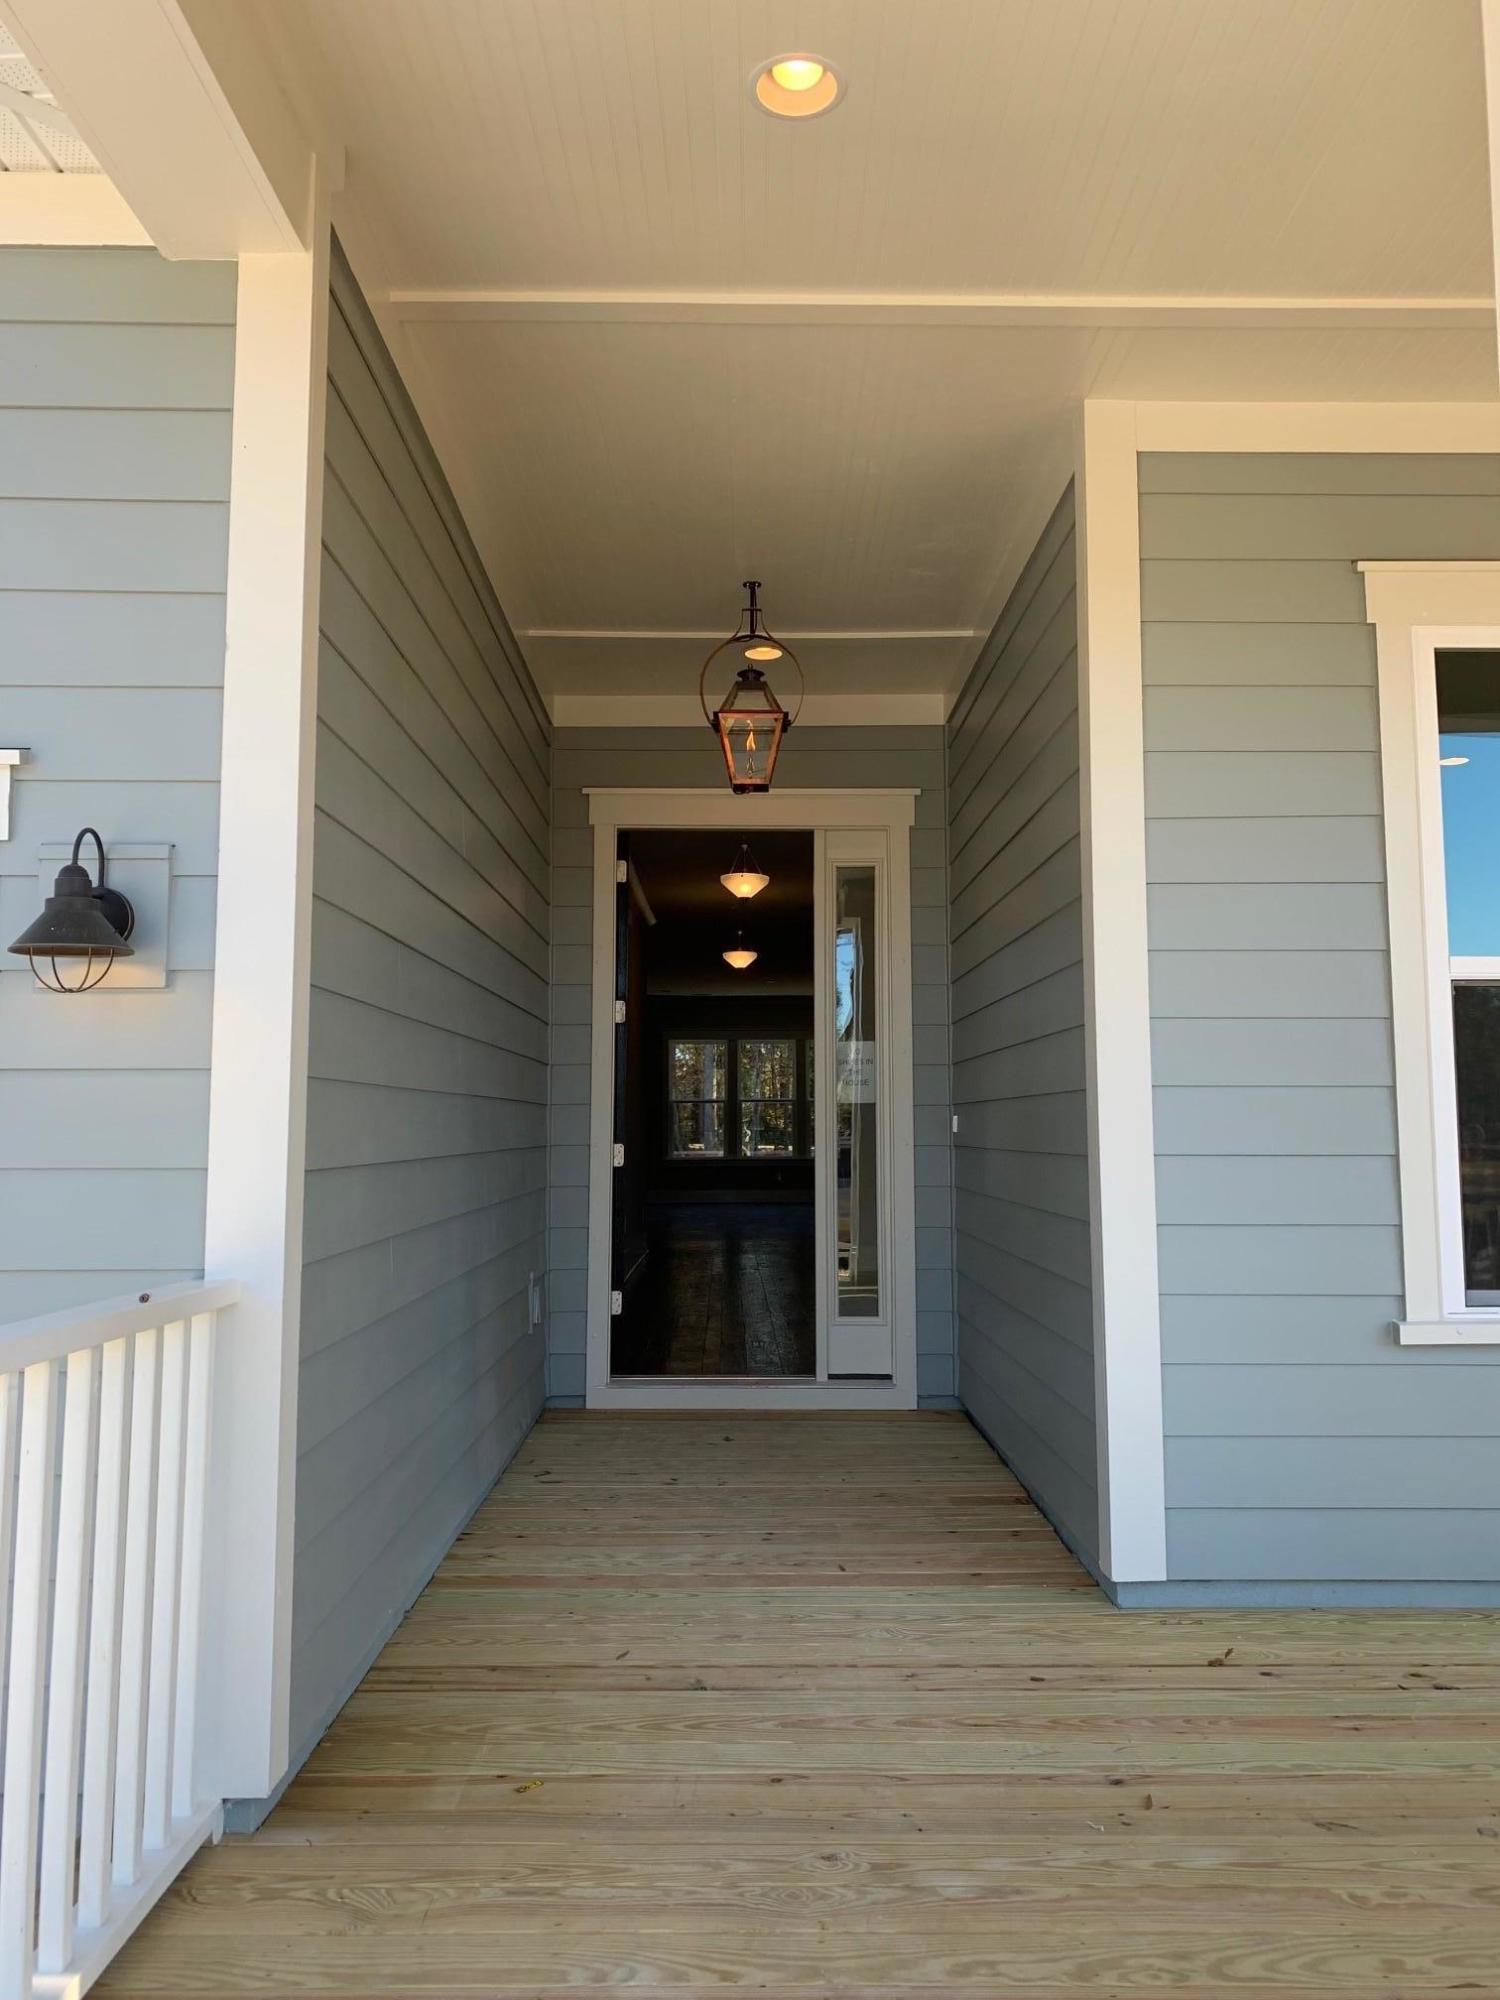 Dunes West Homes For Sale - 2661 Dutchman, Mount Pleasant, SC - 7